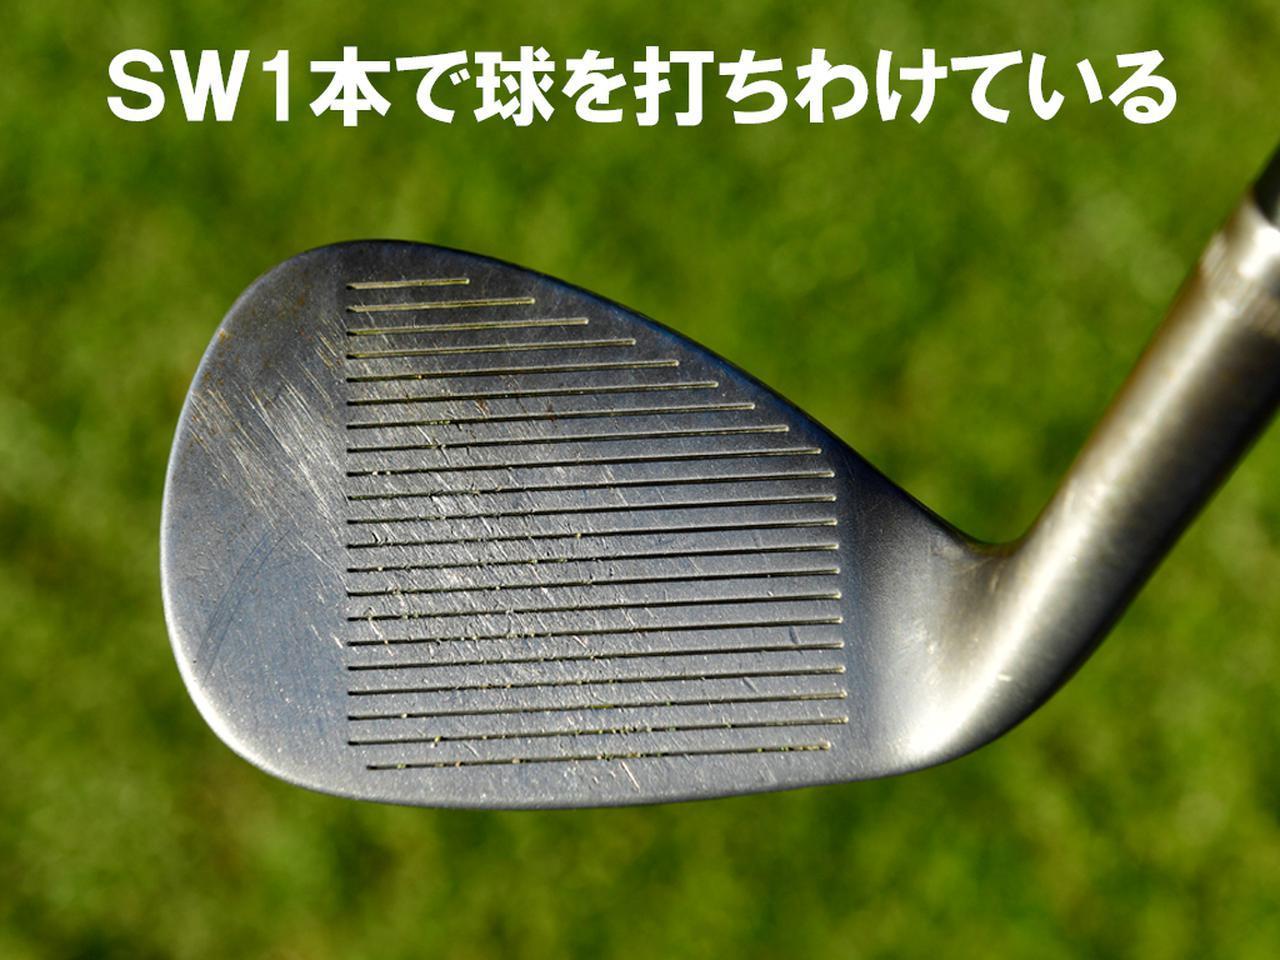 画像: ピンが手前で止めなきゃいけないときなどは、カットに打つこともあり、ドローとカットをSW1本で打ち分けている